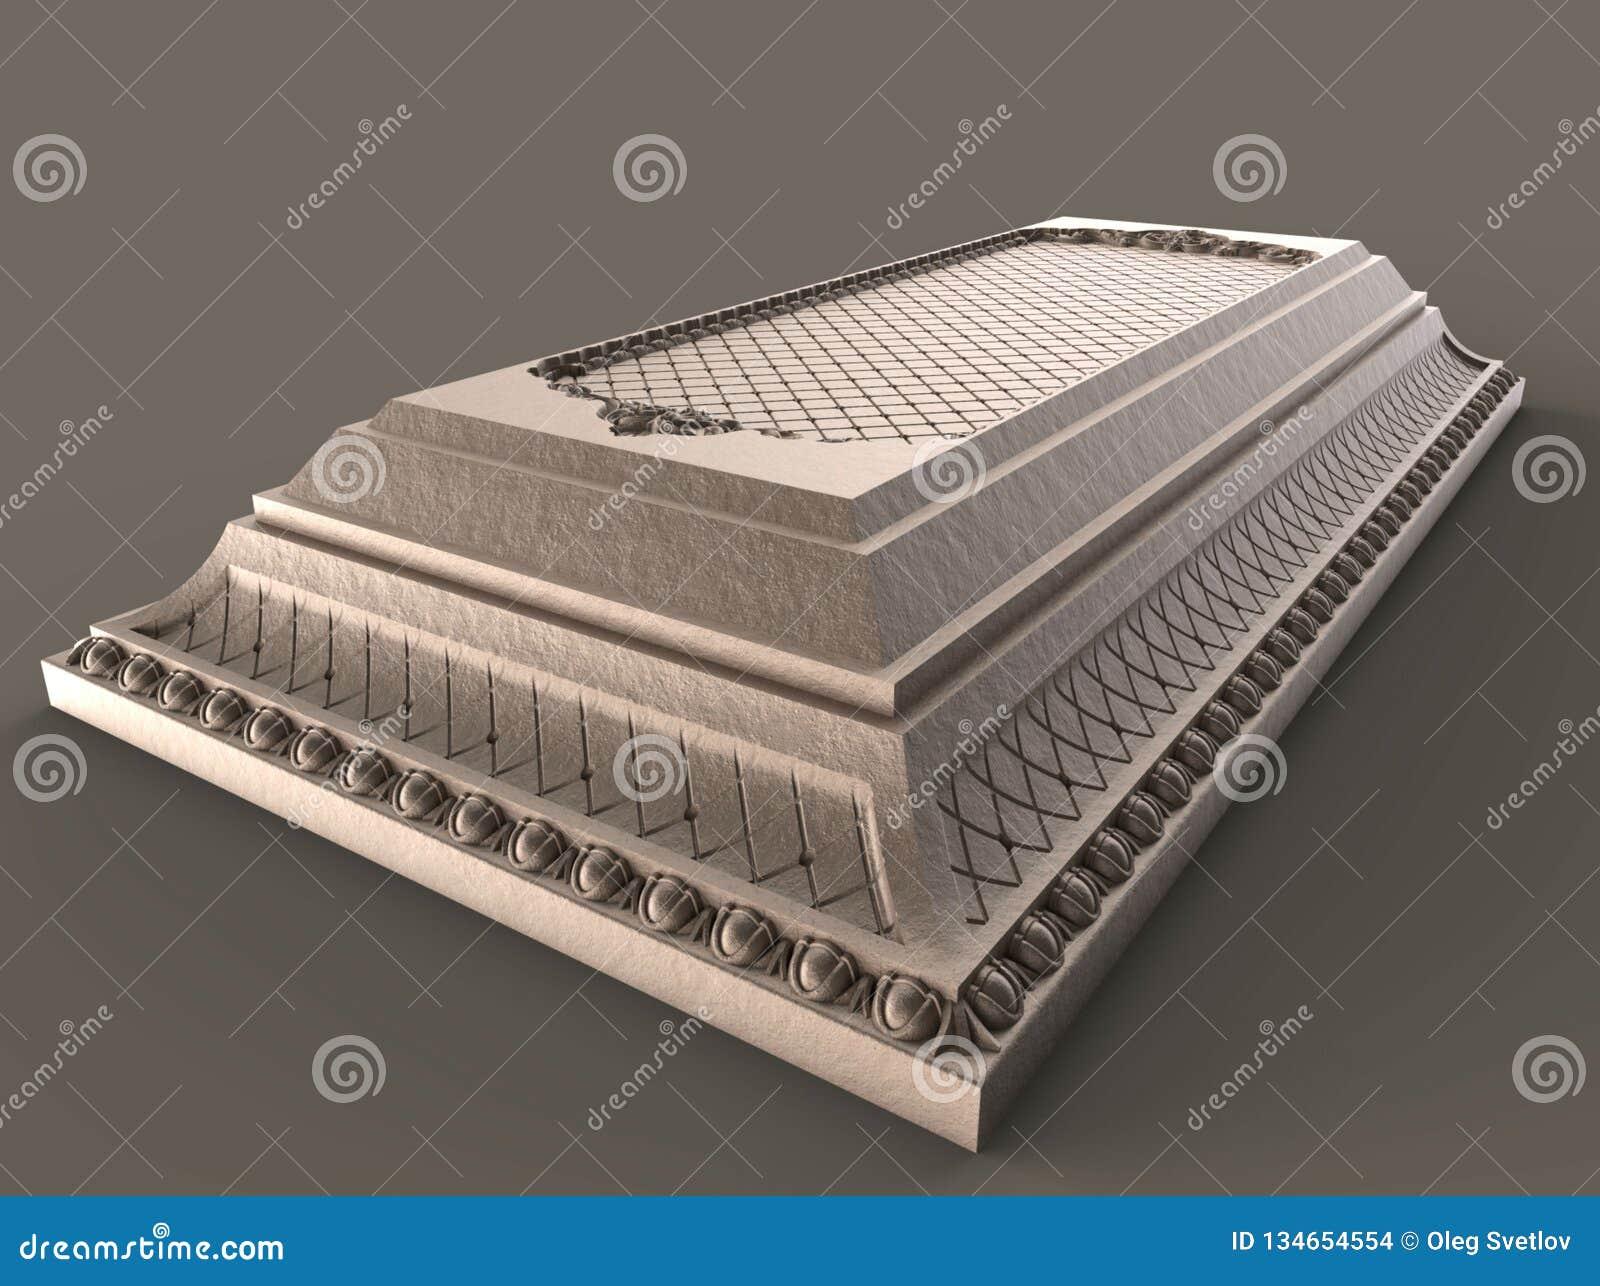 Models For Architectural Interior Design, 3D Illustration